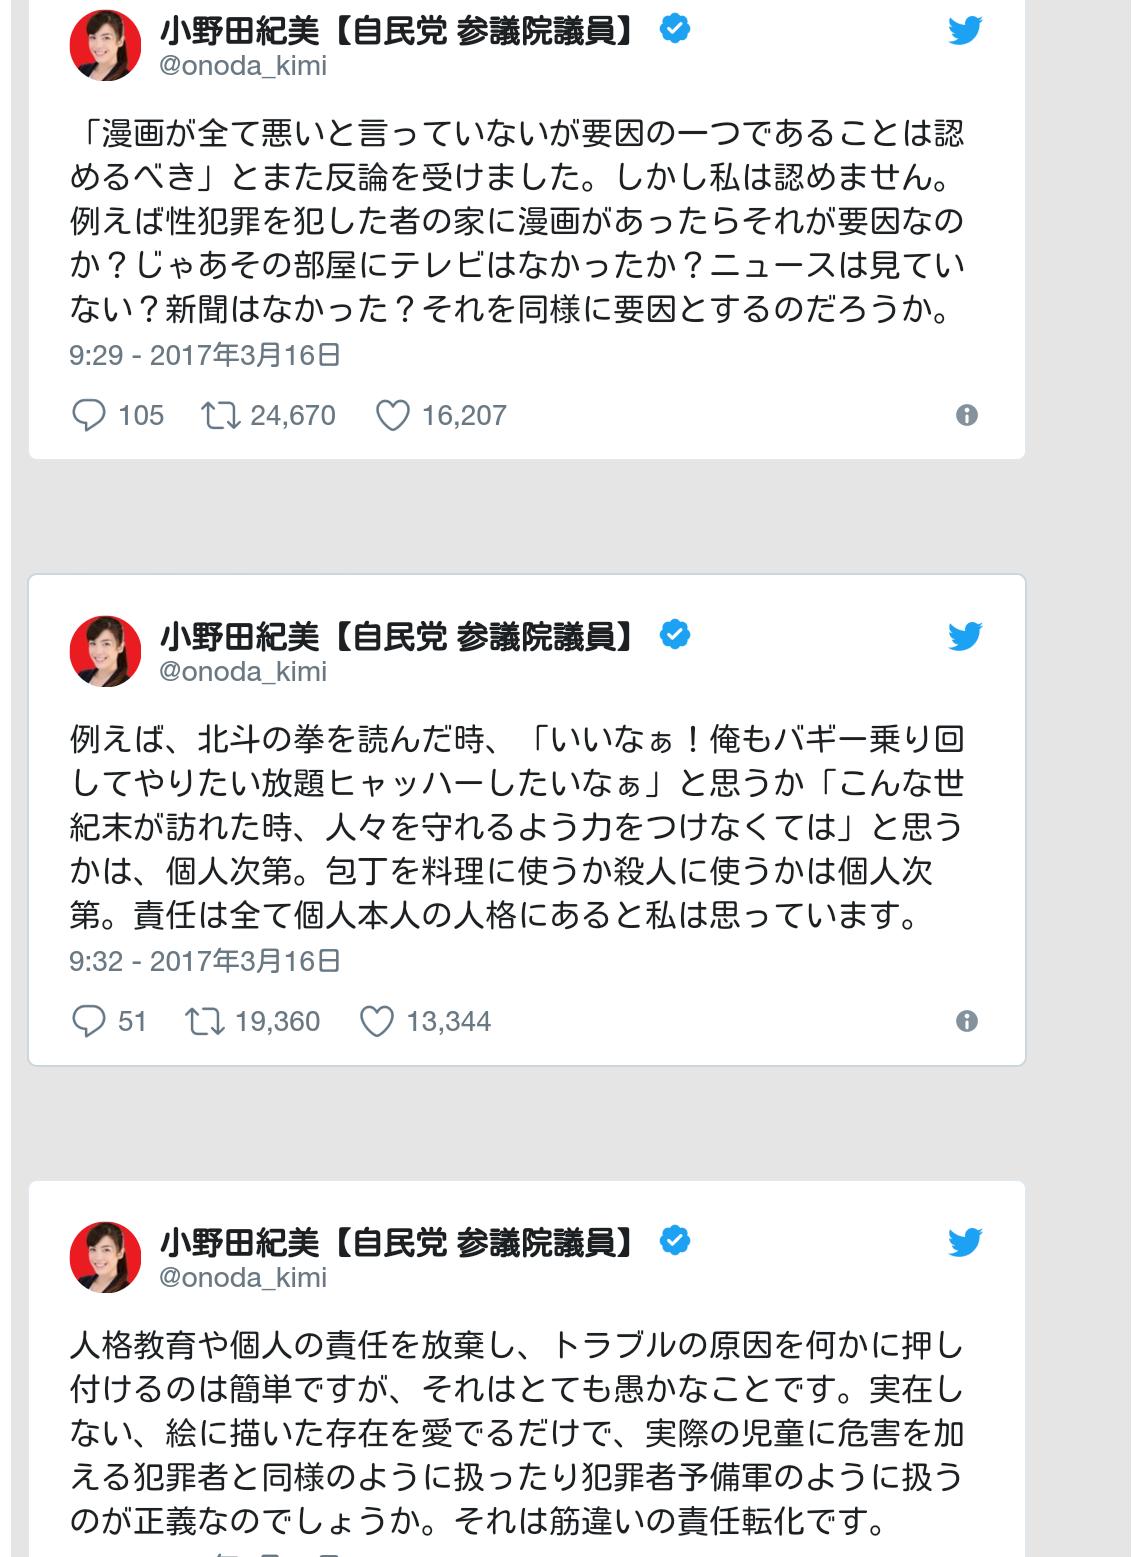 「座間の事件は猟奇的なアニメの影響」山本一太議員の発言に批判相次ぐ